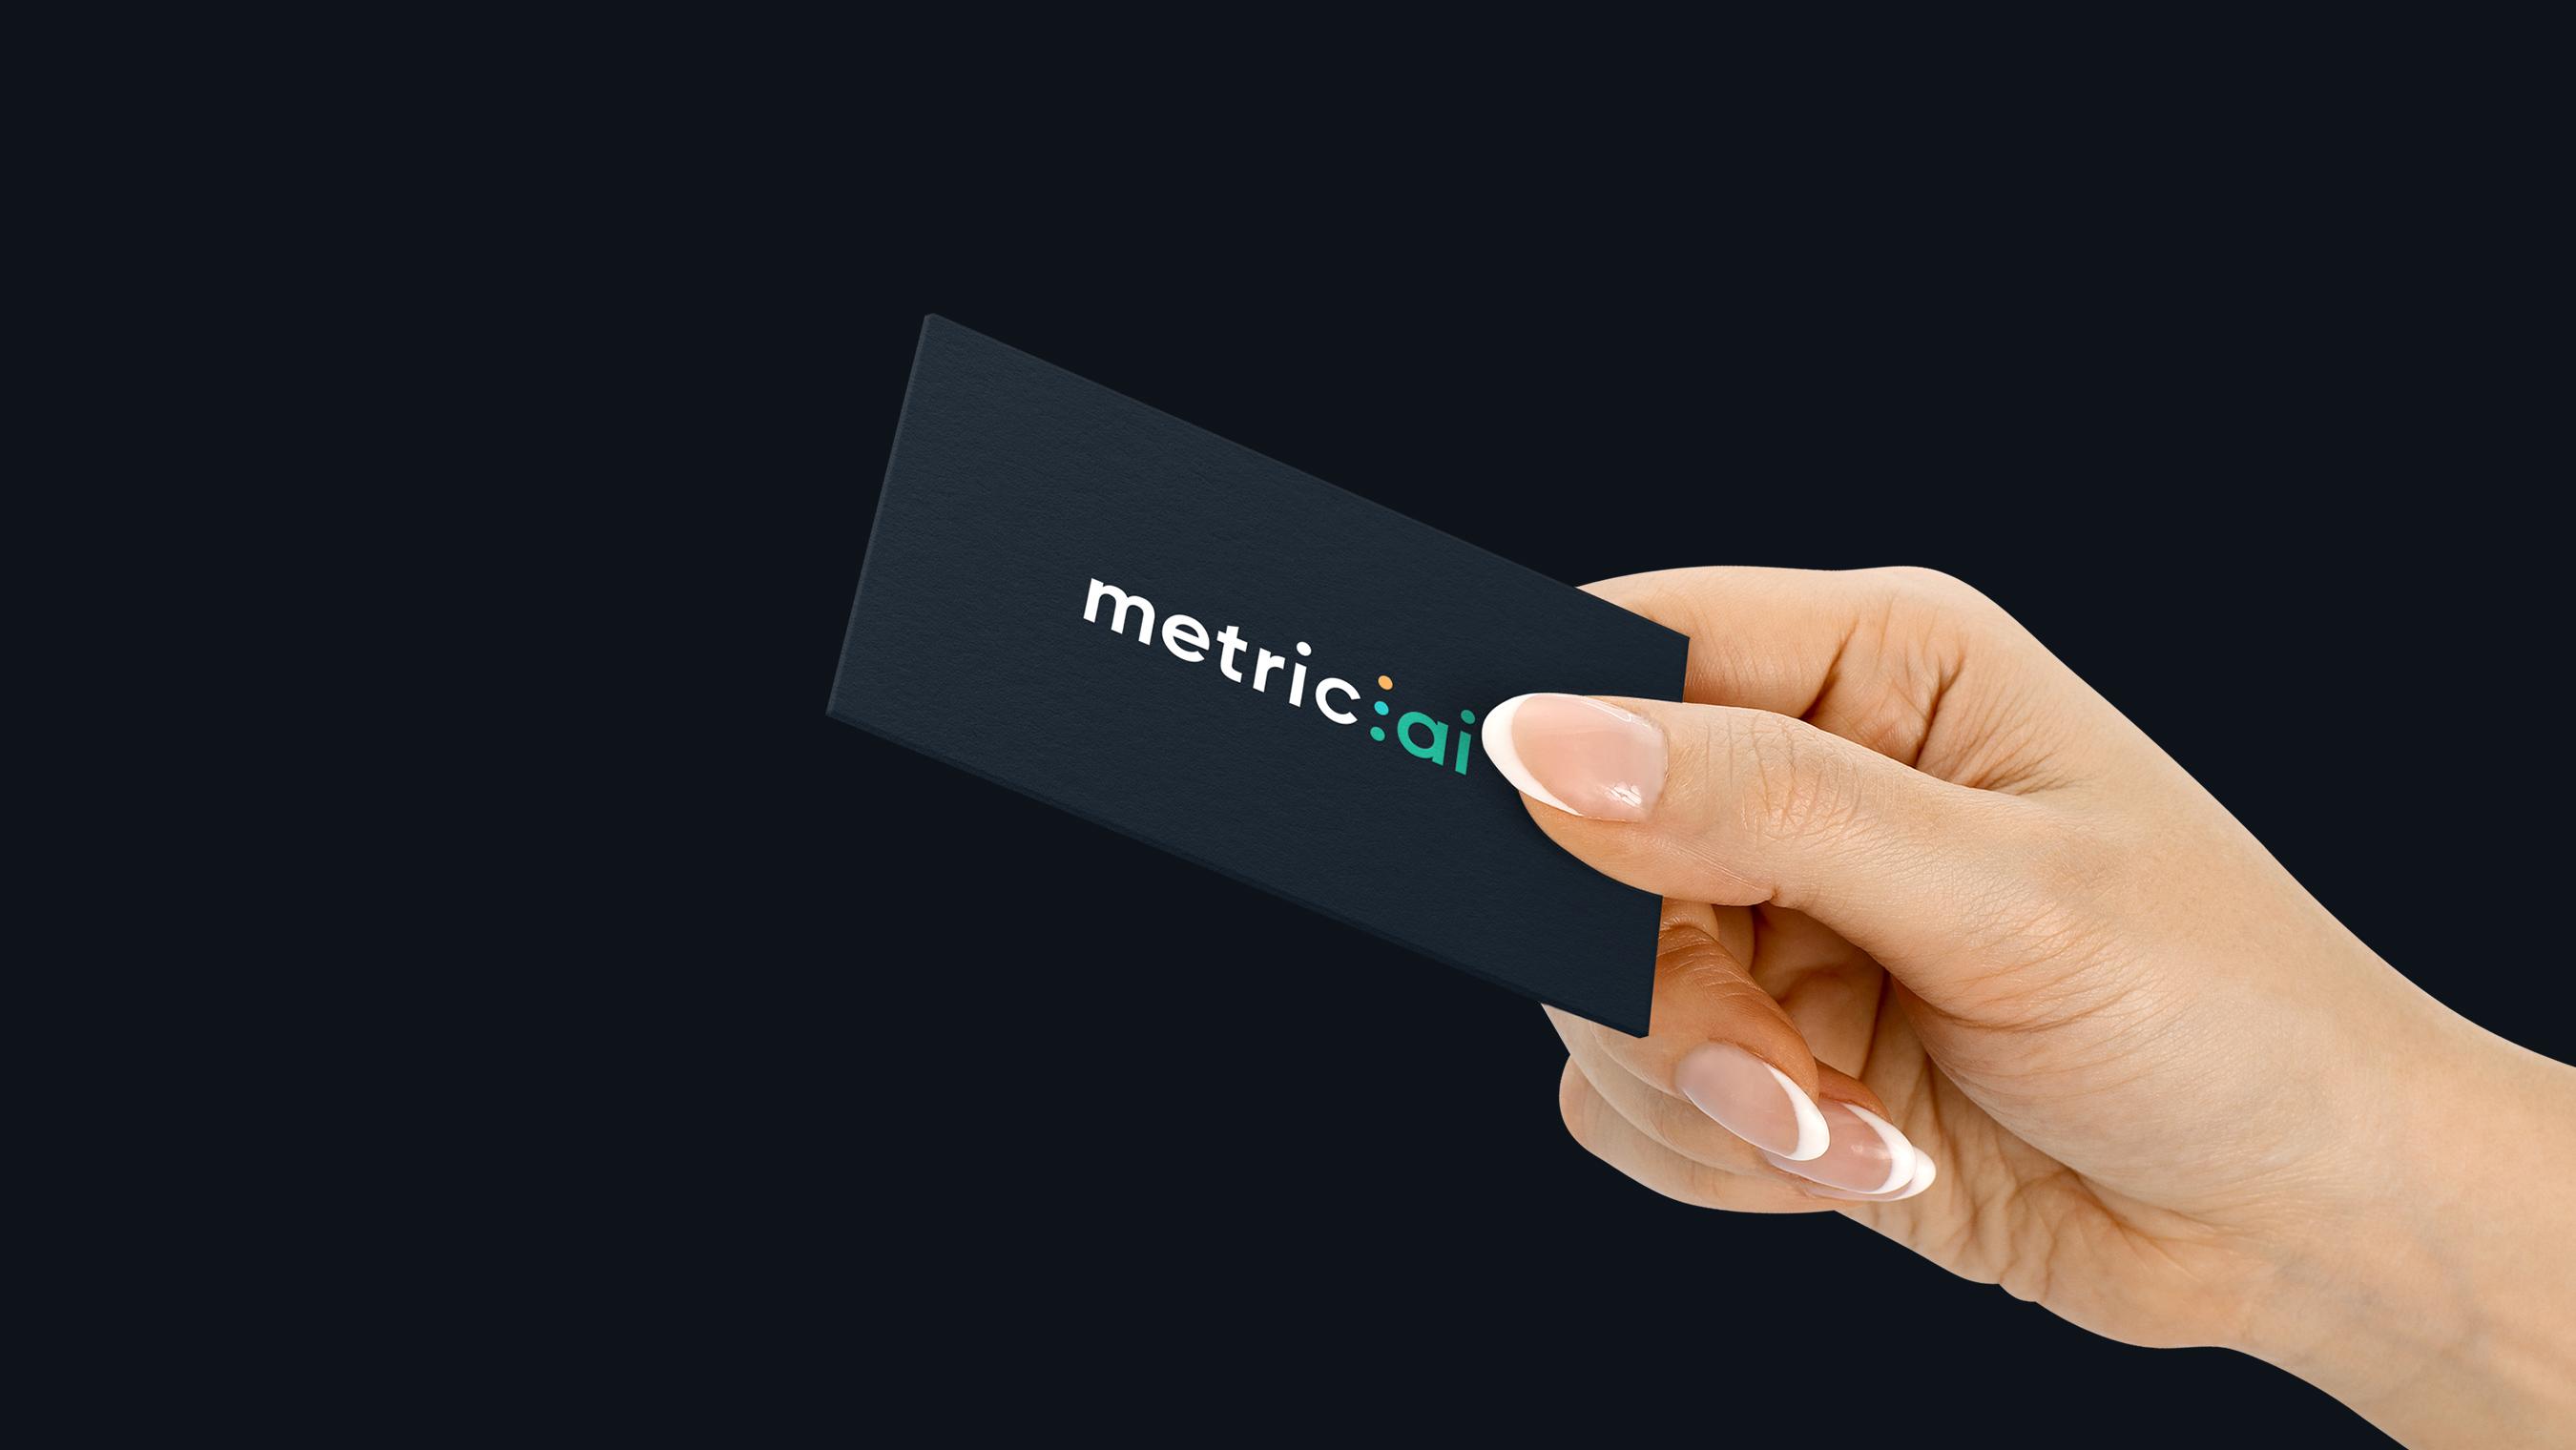 metric_1-1